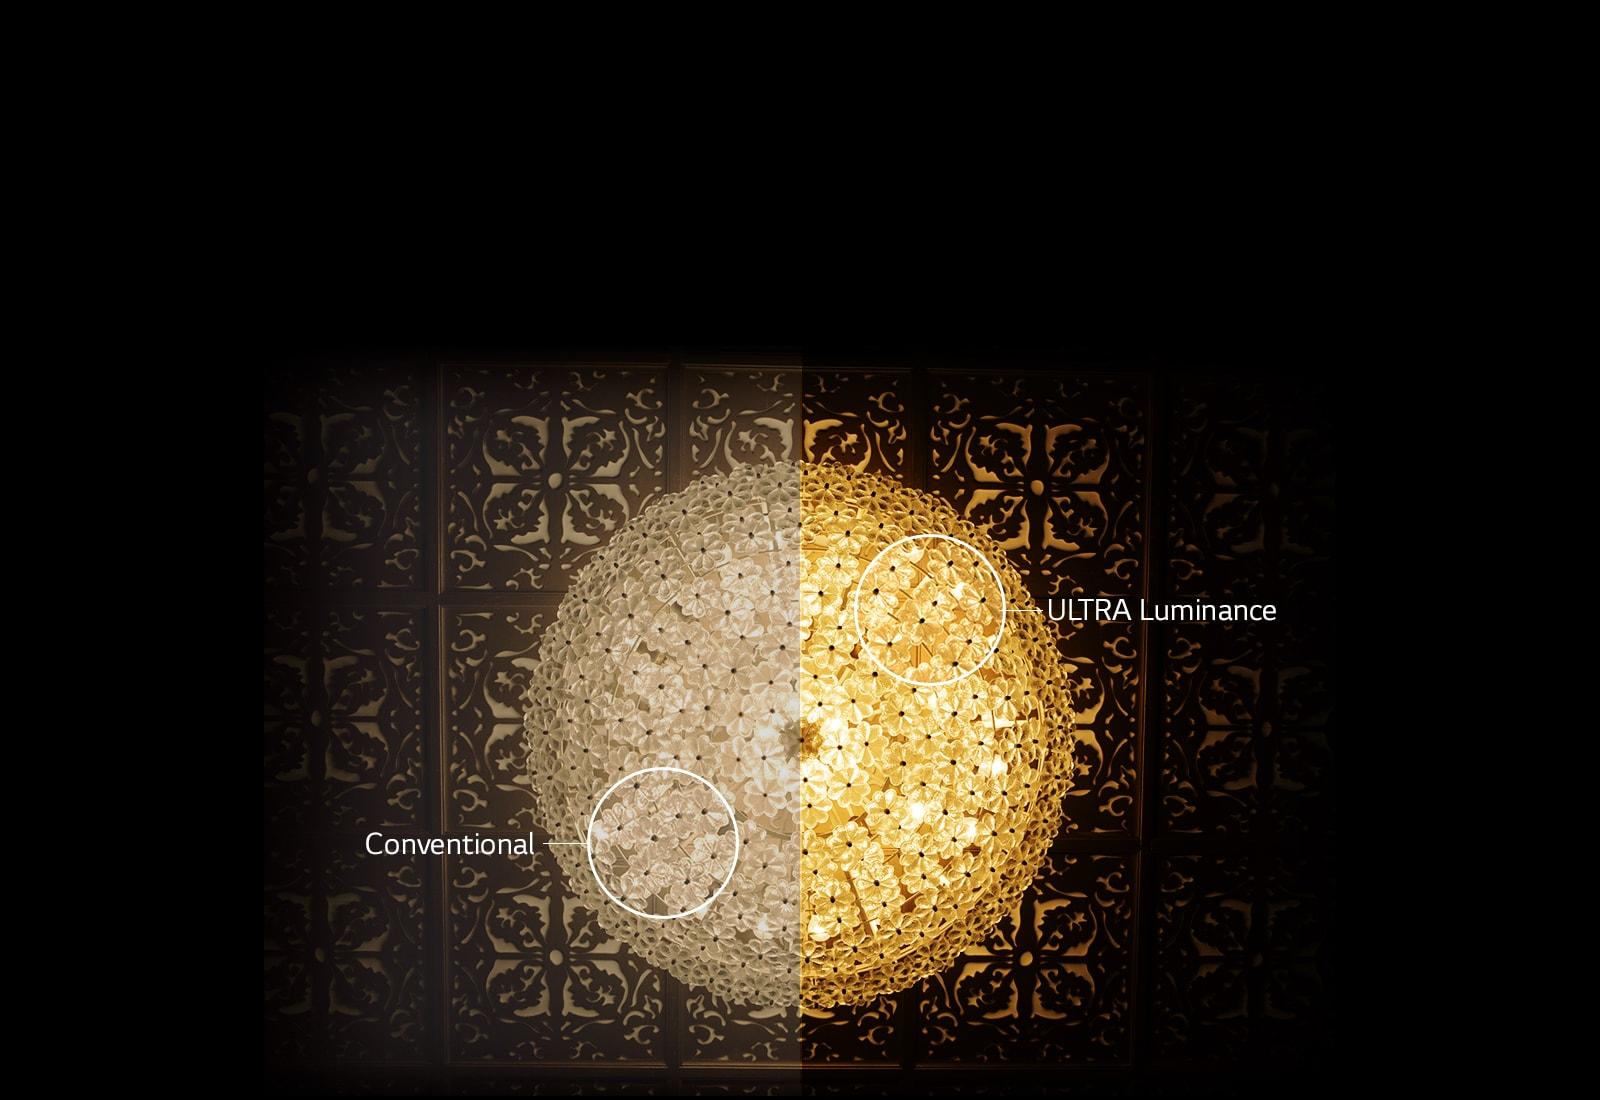 Ultra Luminance ช่วยเพิ่มความสว่างของภาพ จึงแสดงภาพได้คมชัดขึ้น